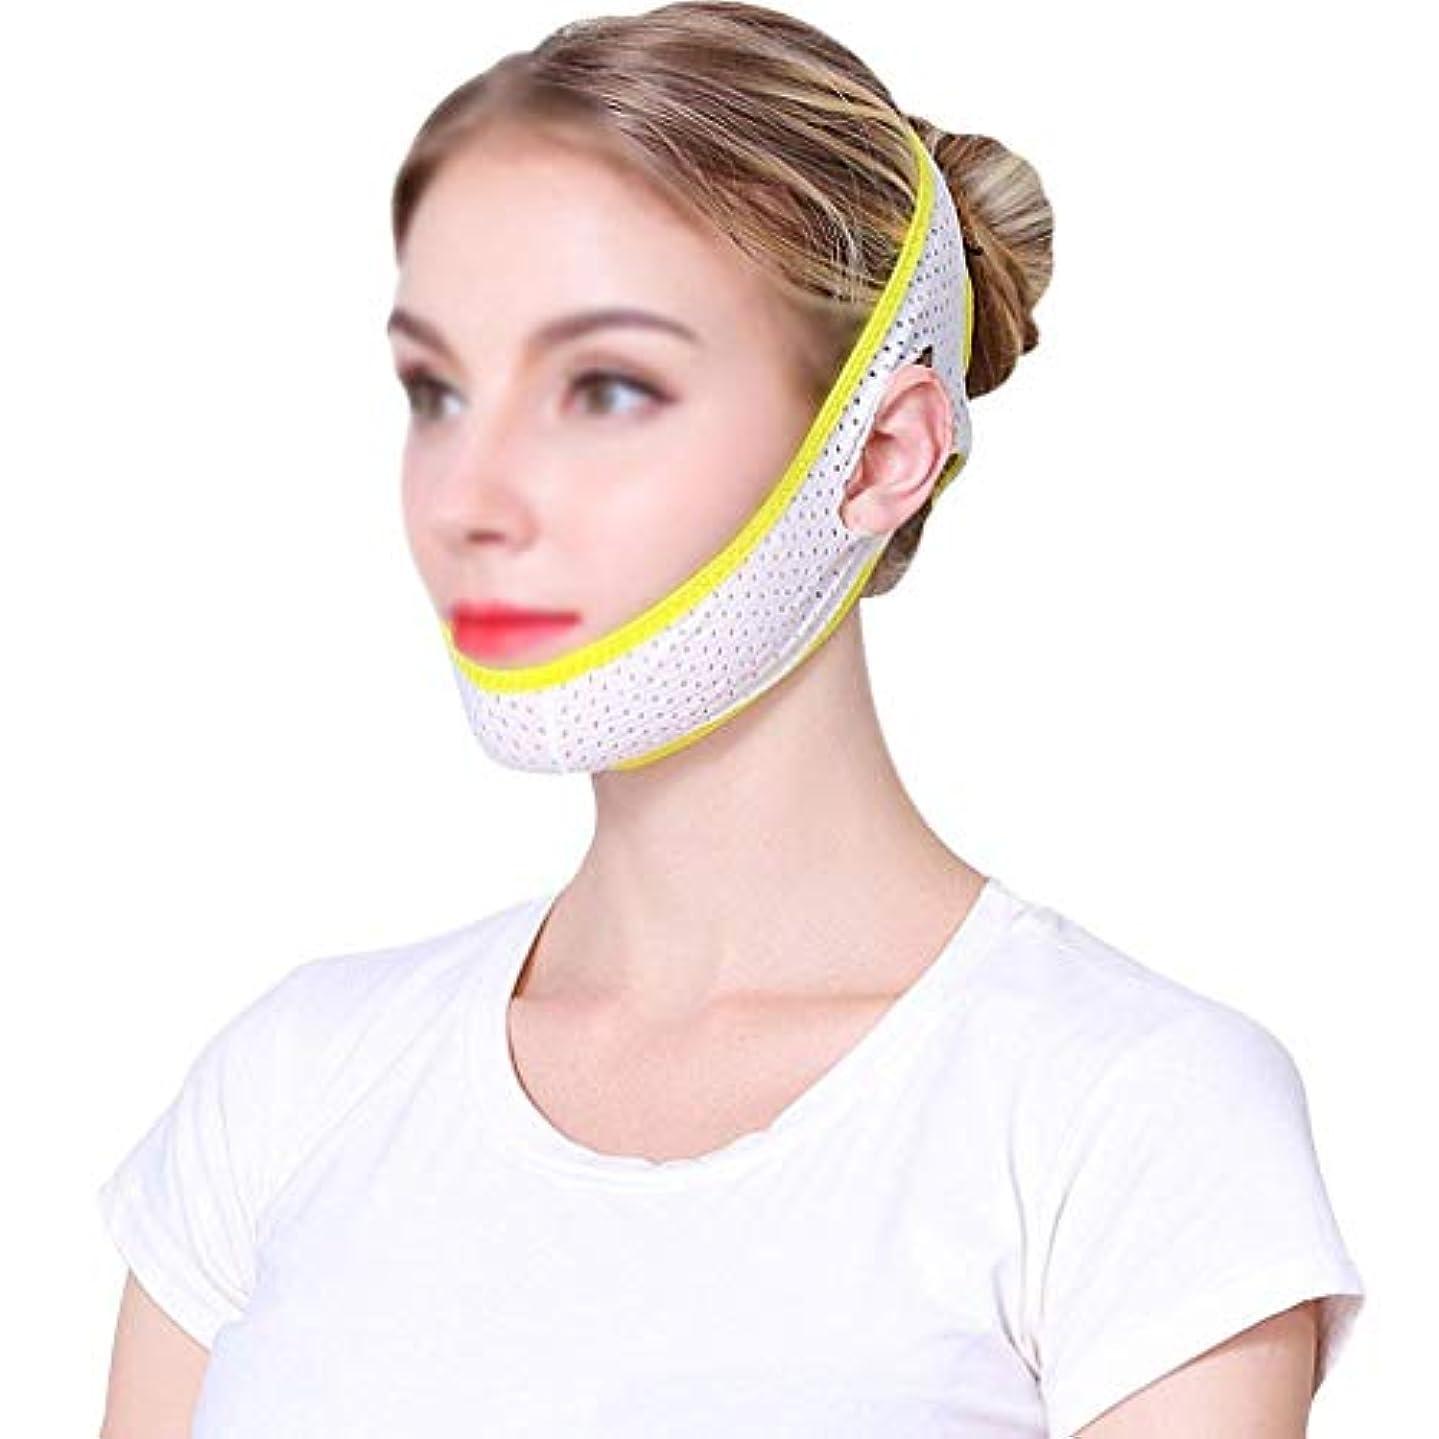 洞察力陰気抑止するマスク、包帯、整形外科の夏の通気性の薄いセクション二重あごひものVの表面の薄いフェイスマスクを持ち上げて下さい